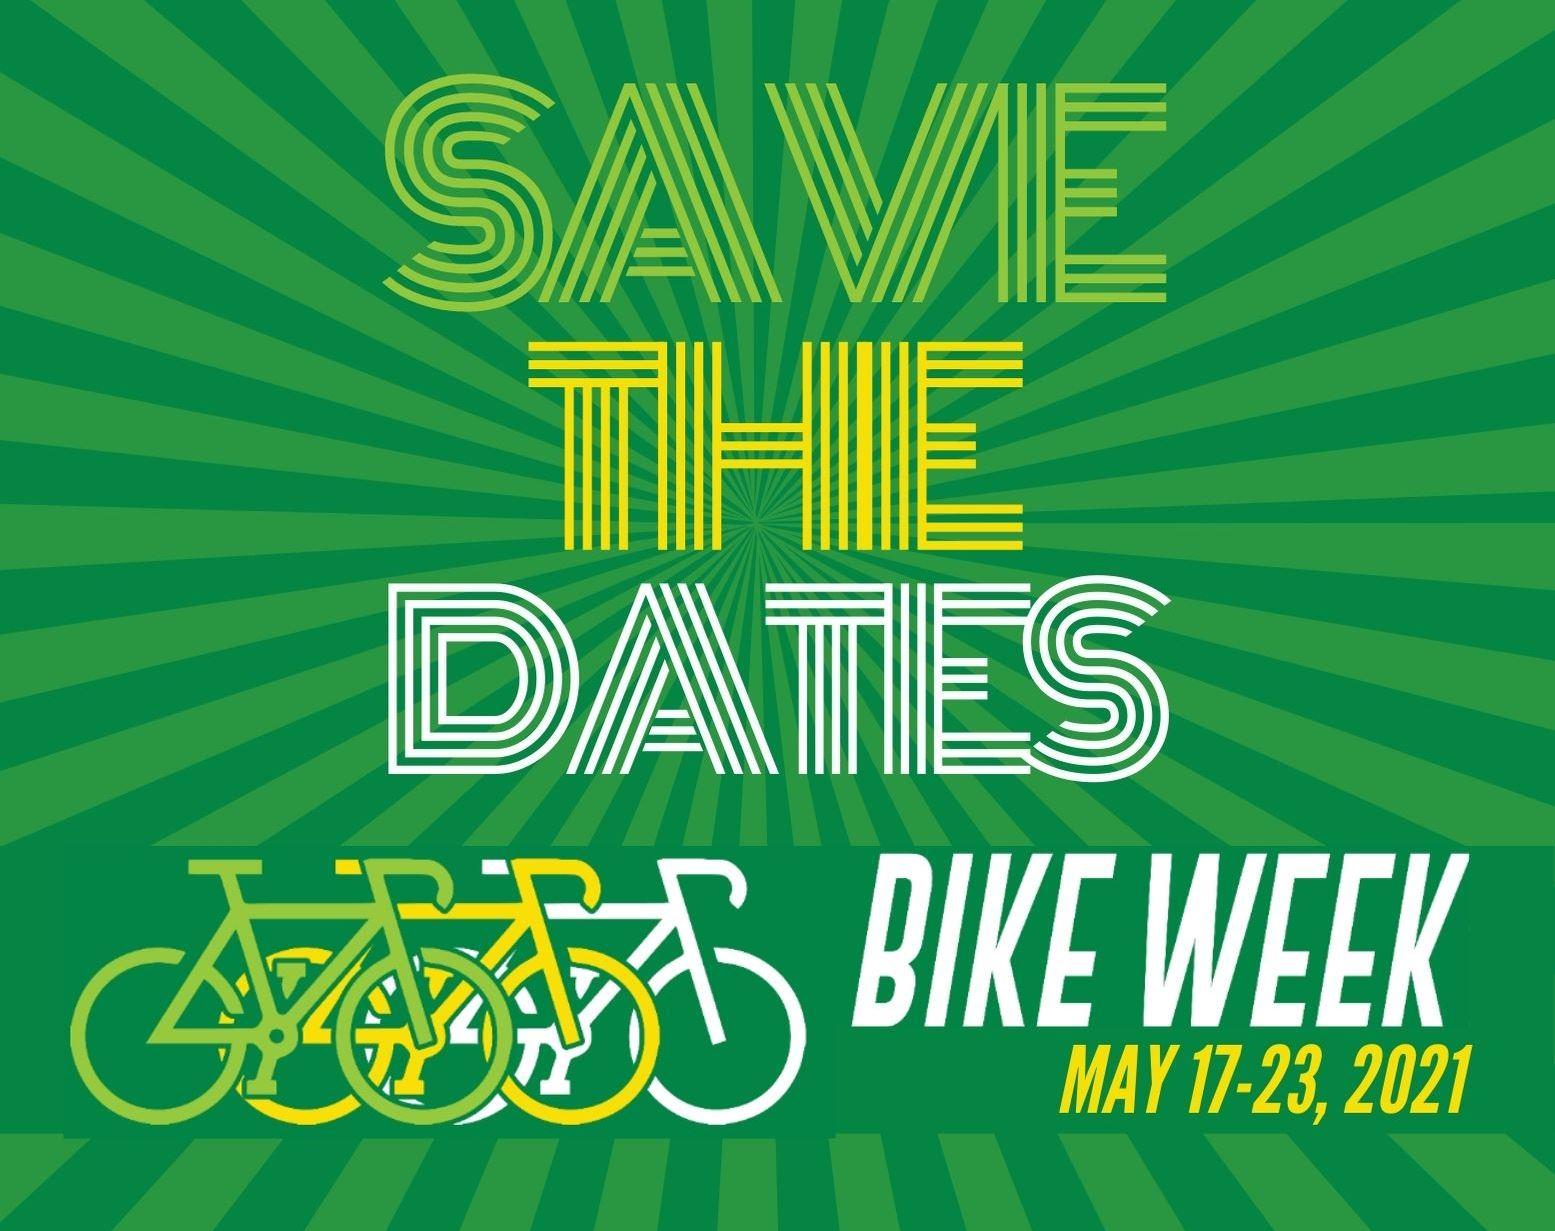 national bike week logo